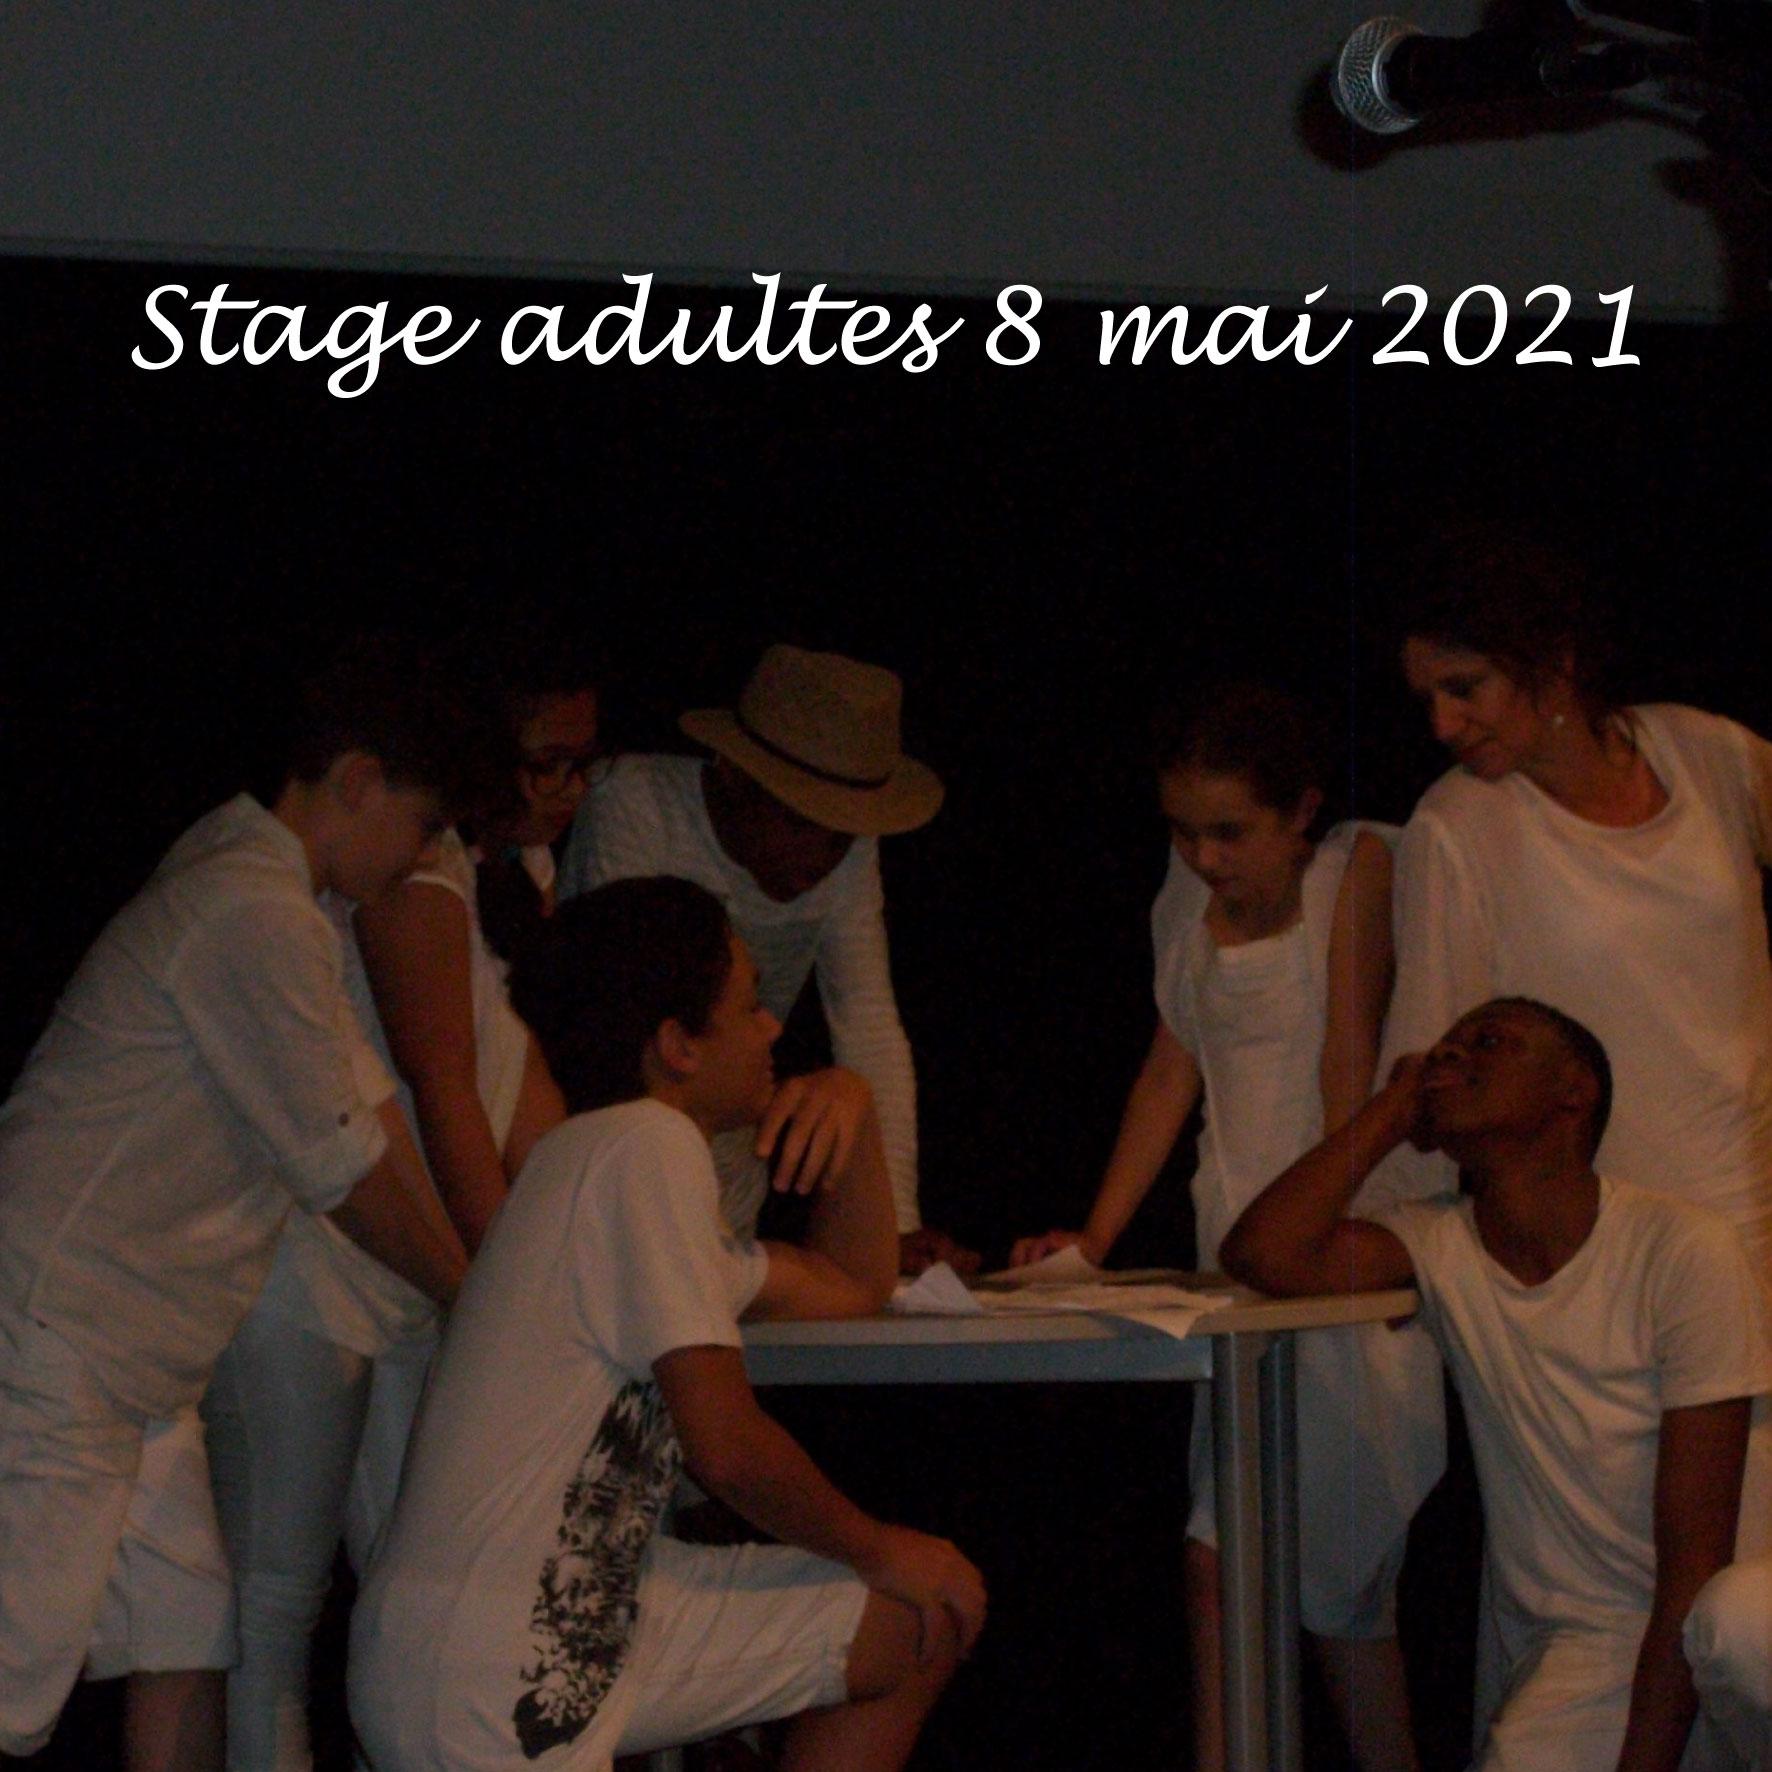 Stage adultes Libre en soi, Libre en scène, le 8 mai 2021